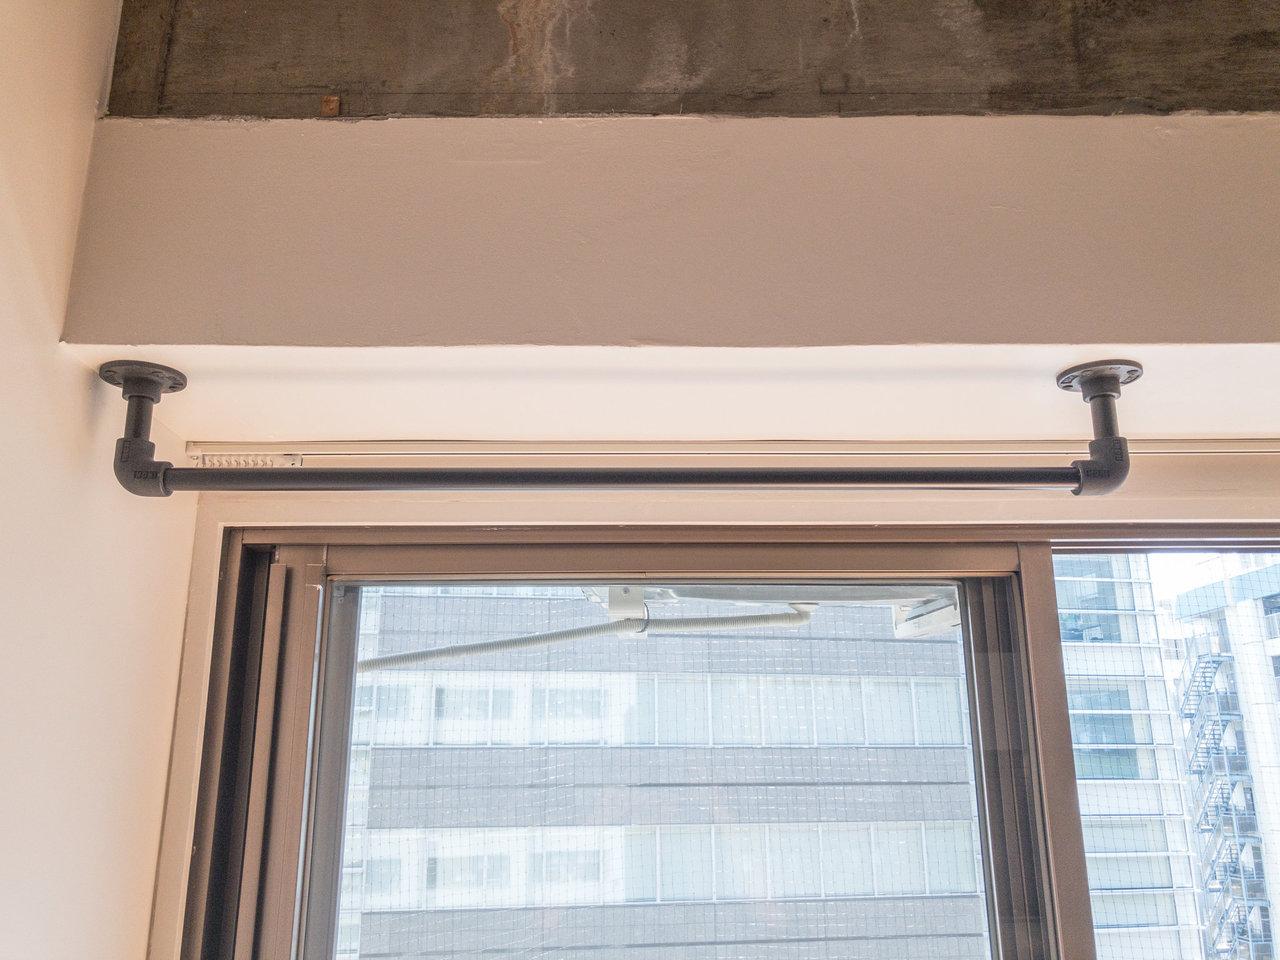 個人的に気になったのは、窓際の壁に取り付けられたハンガーパイプ。ドライフラワーなんて飾ったら、きっと一気におしゃれになりますよ。